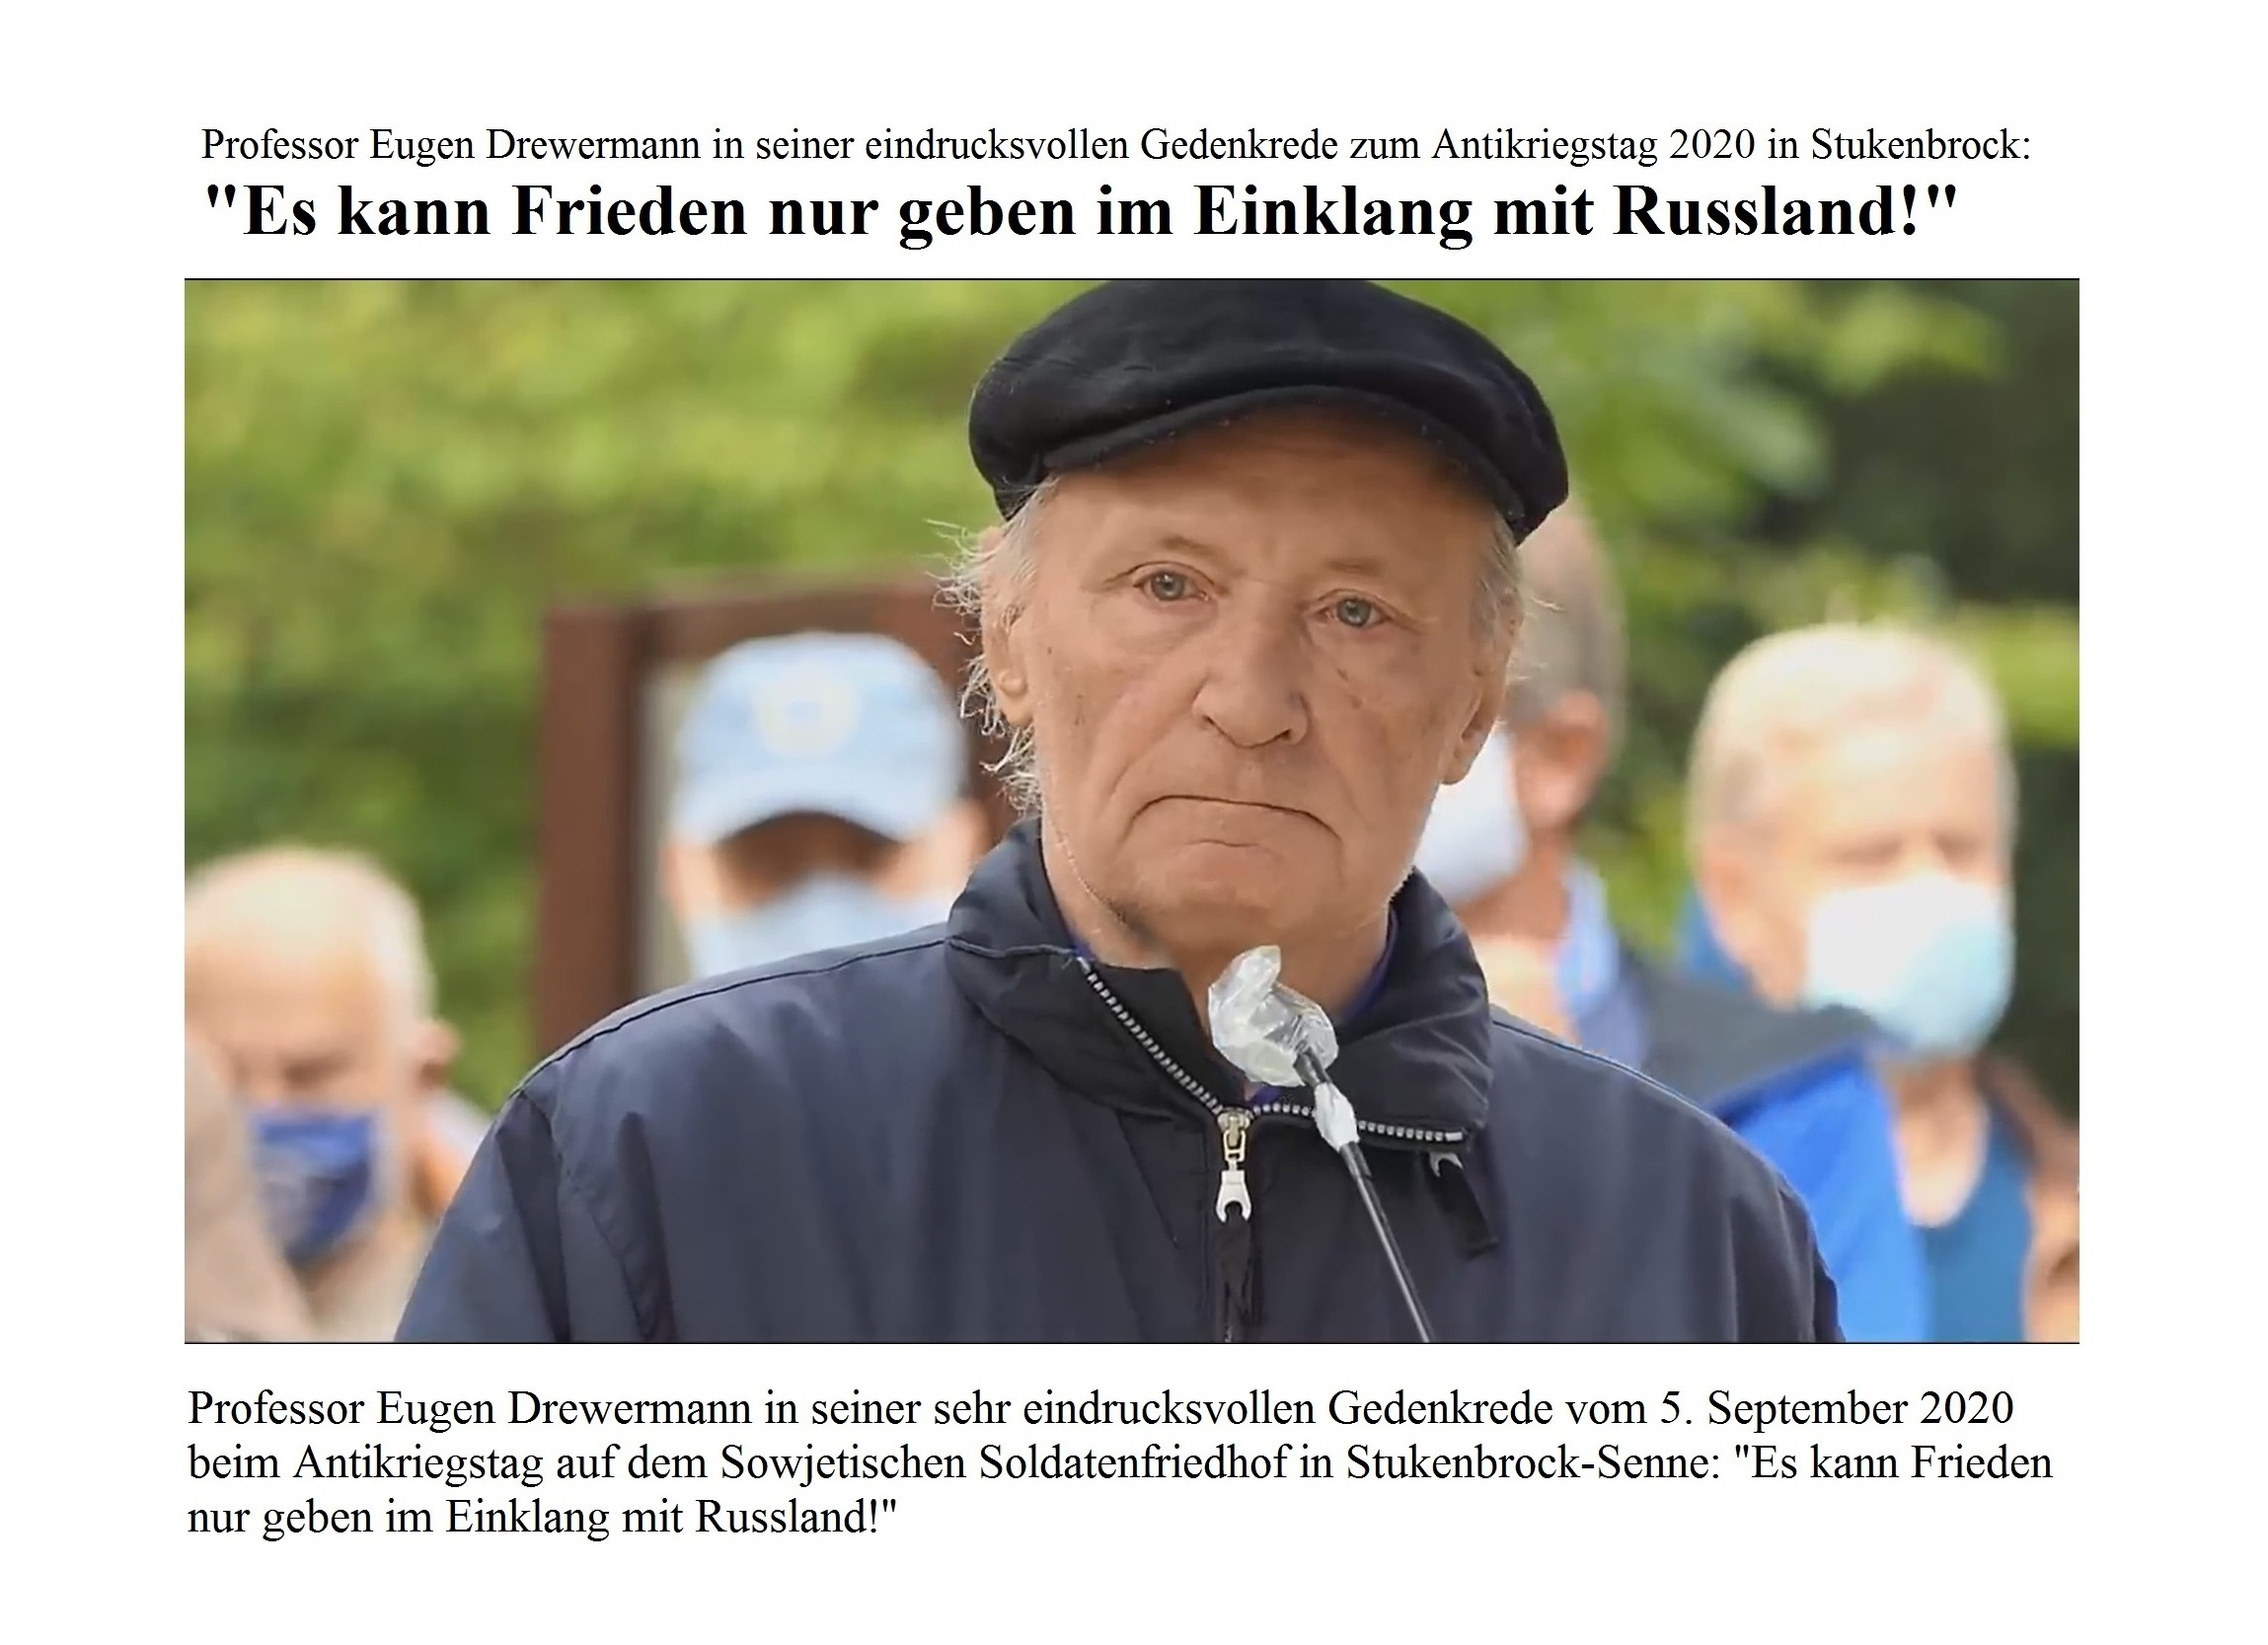 Aus dem Posteingang vom 13.09.2020 - Weitergeleitete Nachricht von Waltraud Tegge - Gedenkrede von Eugen Drewermann zum Antikriegstag 2020 auf dem Sowjetischen Soldatenfriedhof in Stukenbrock-Senne: Es kann nur Frieden geben im Einklang mit Russland!